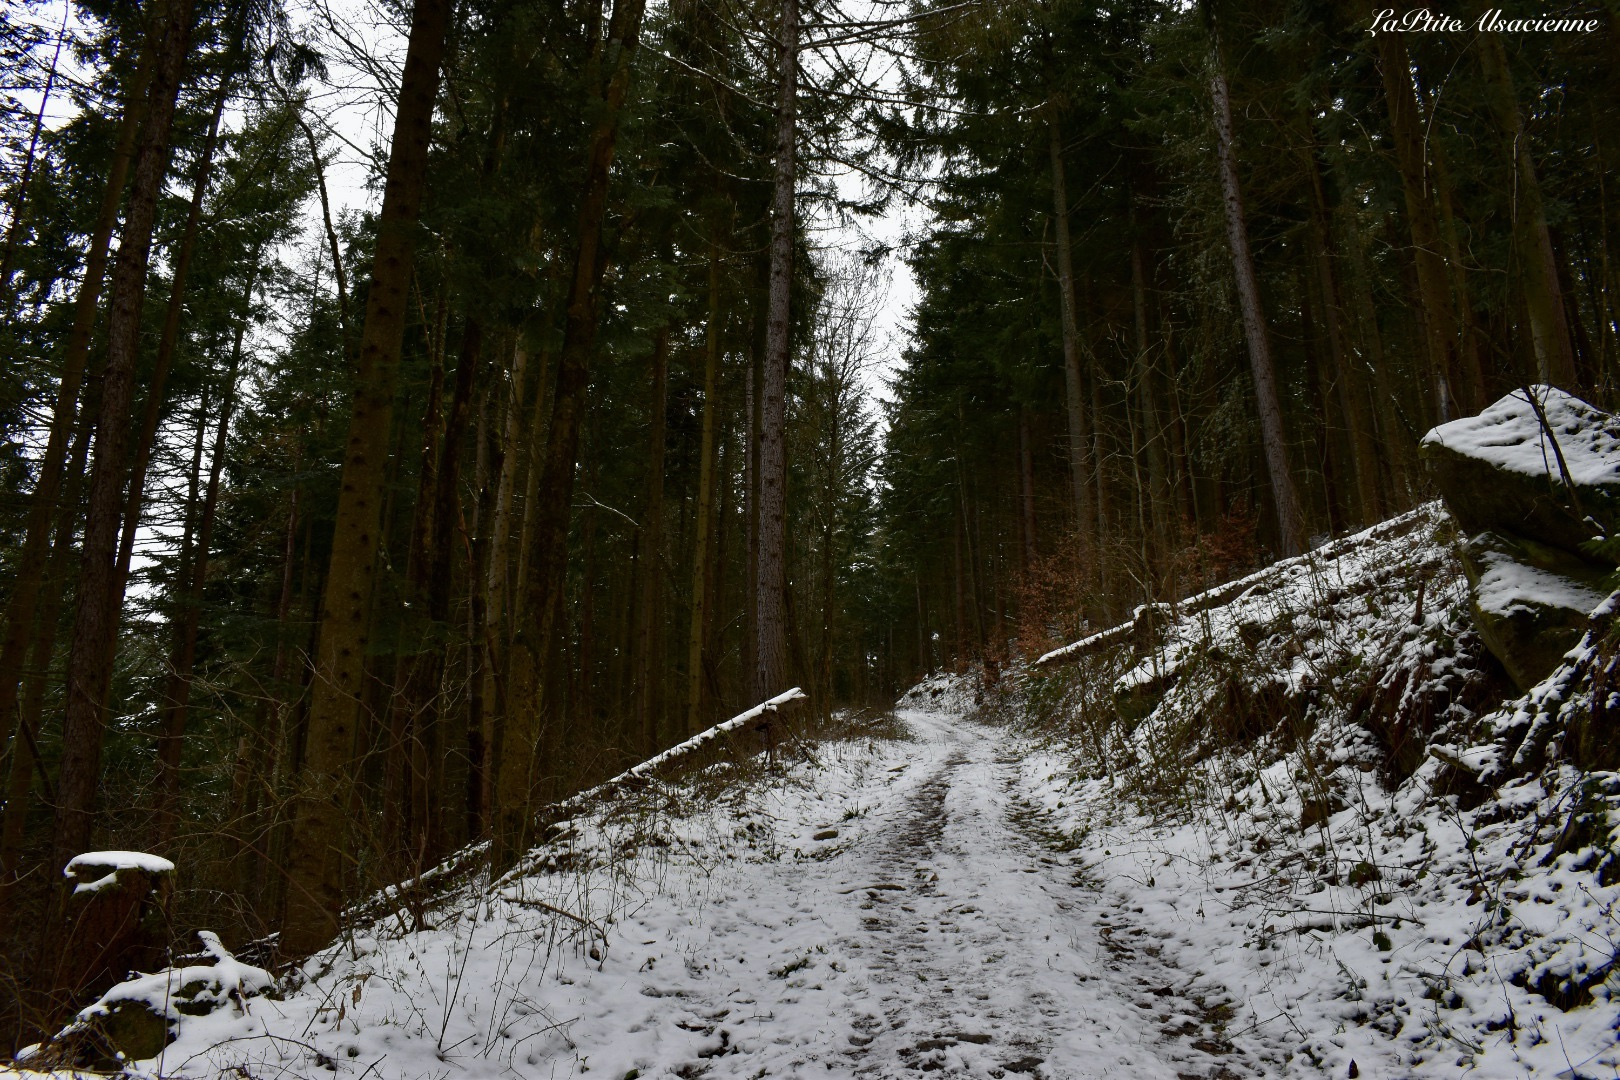 Sentier forestier sous une fine couche de neige à Wasserbourg pour monter au Petit Ballon